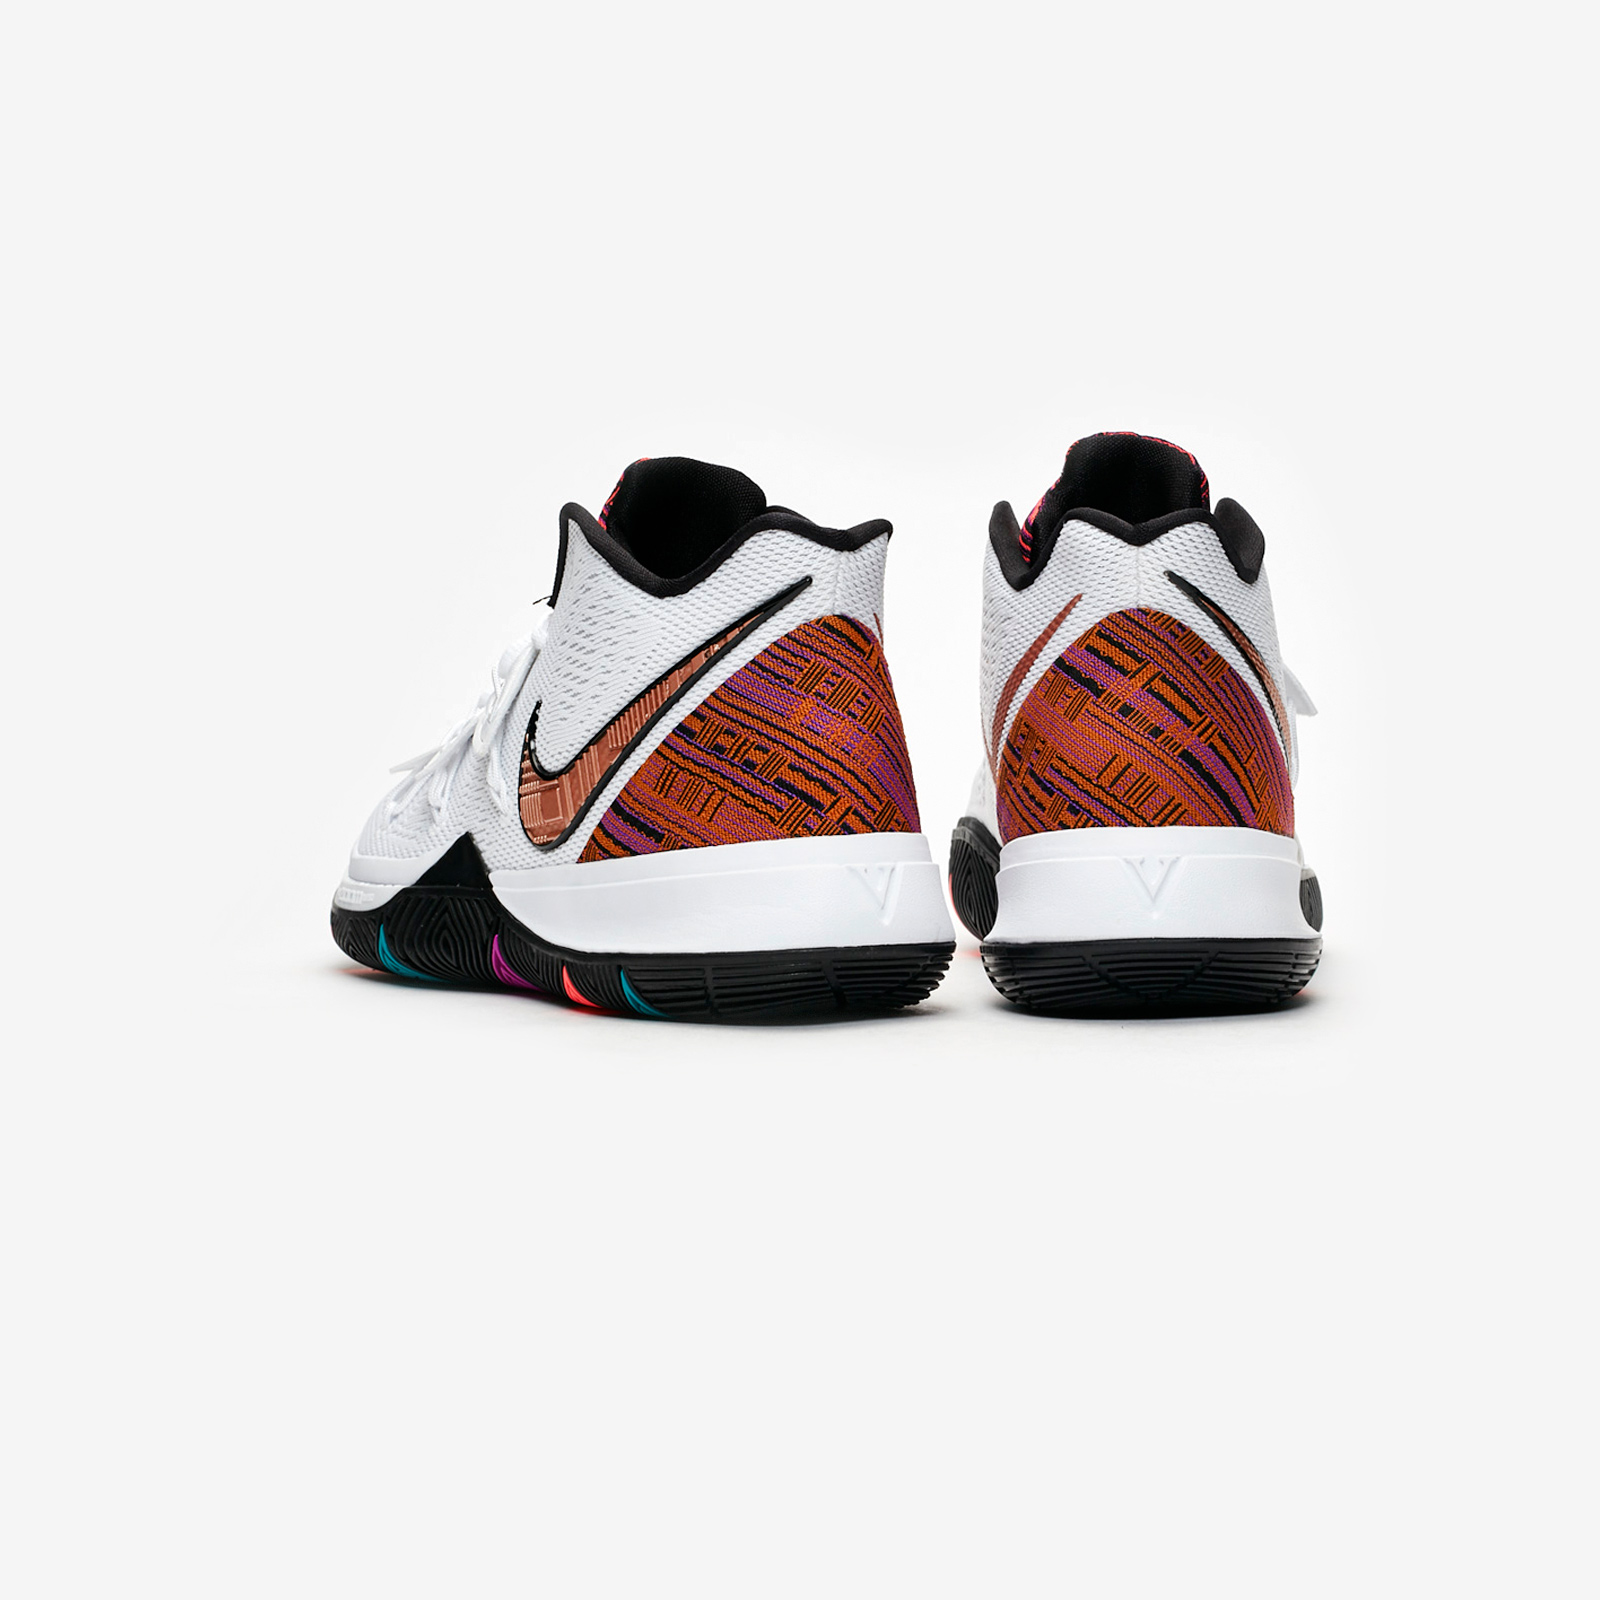 d8dfc1d4d575 Nike Kyrie 5 BHM - Bq6237-100 - Sneakersnstuff